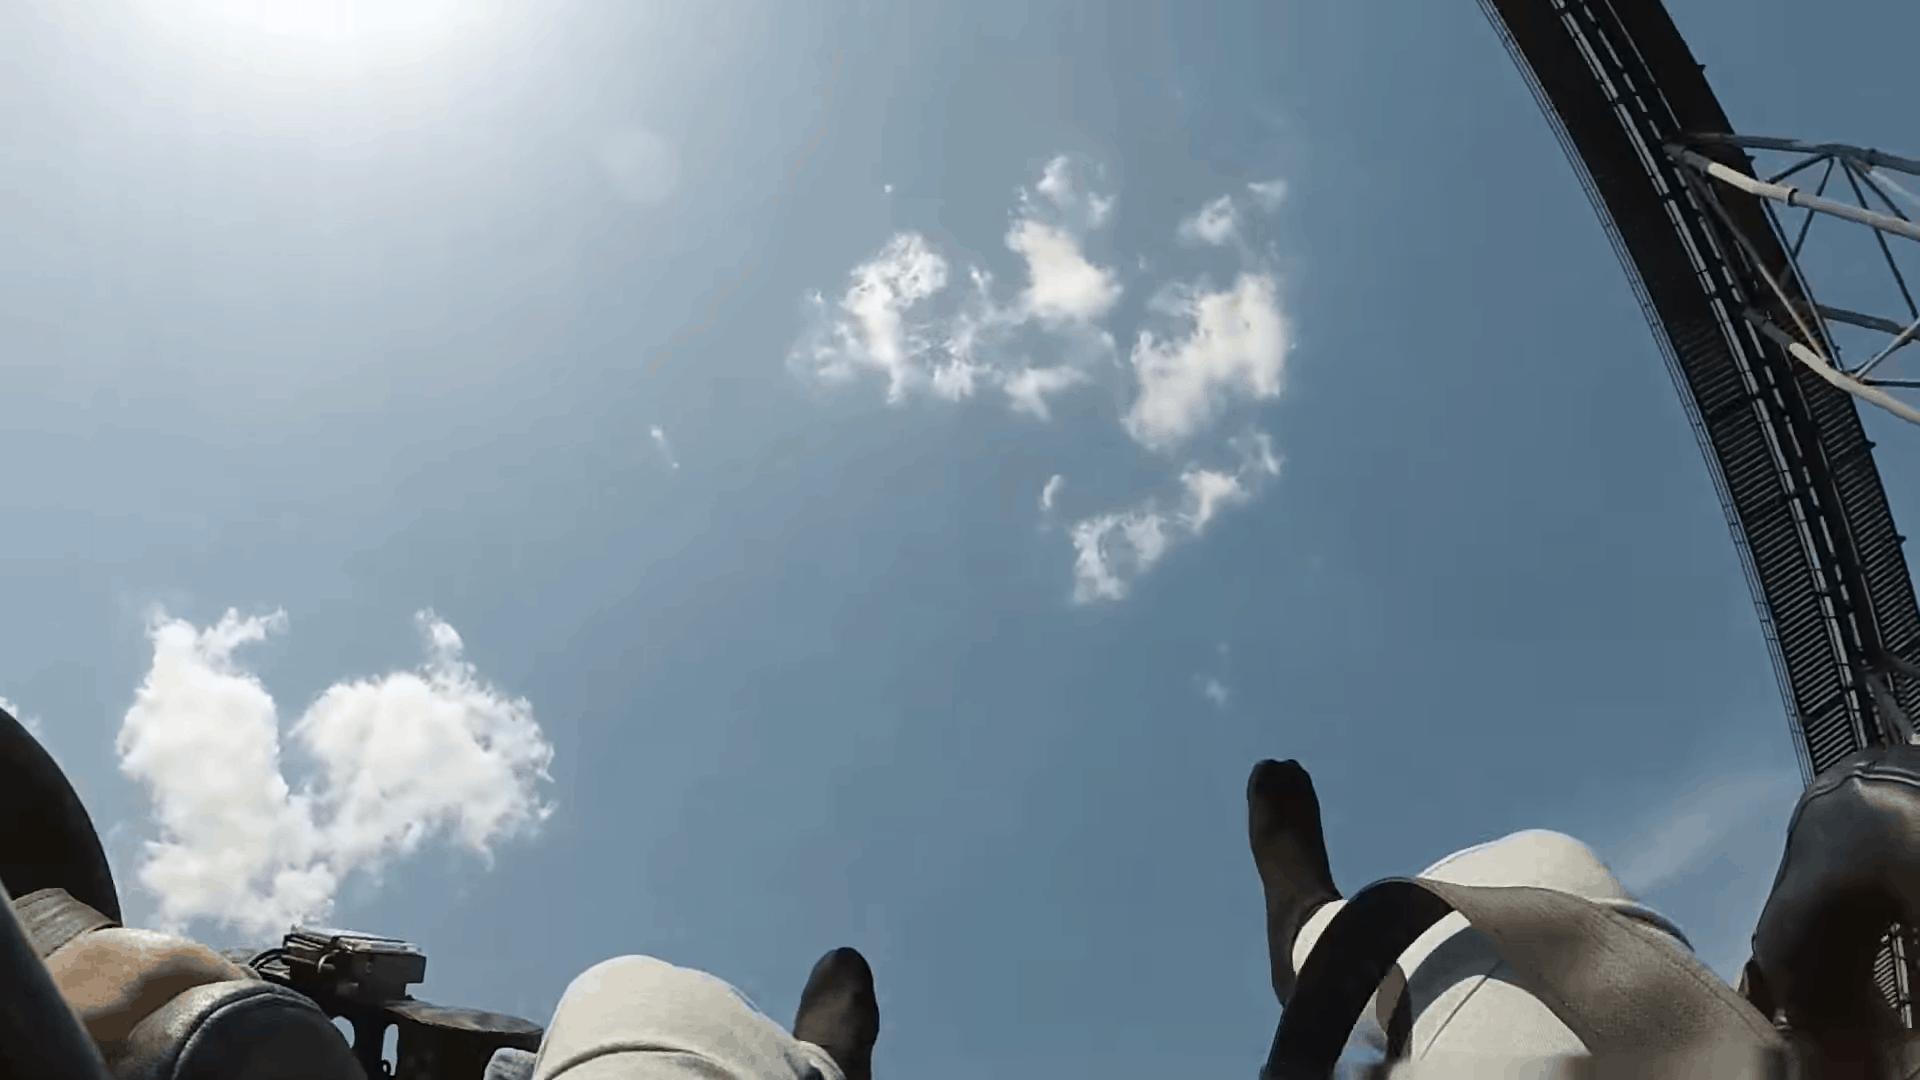 Eejanaika คือ ความเป็นเครื่องเล่น 4 มิติ โดยขณะที่รถไฟแล่น ที่นั่งผู้เล่นจะหมุน 360 องศา